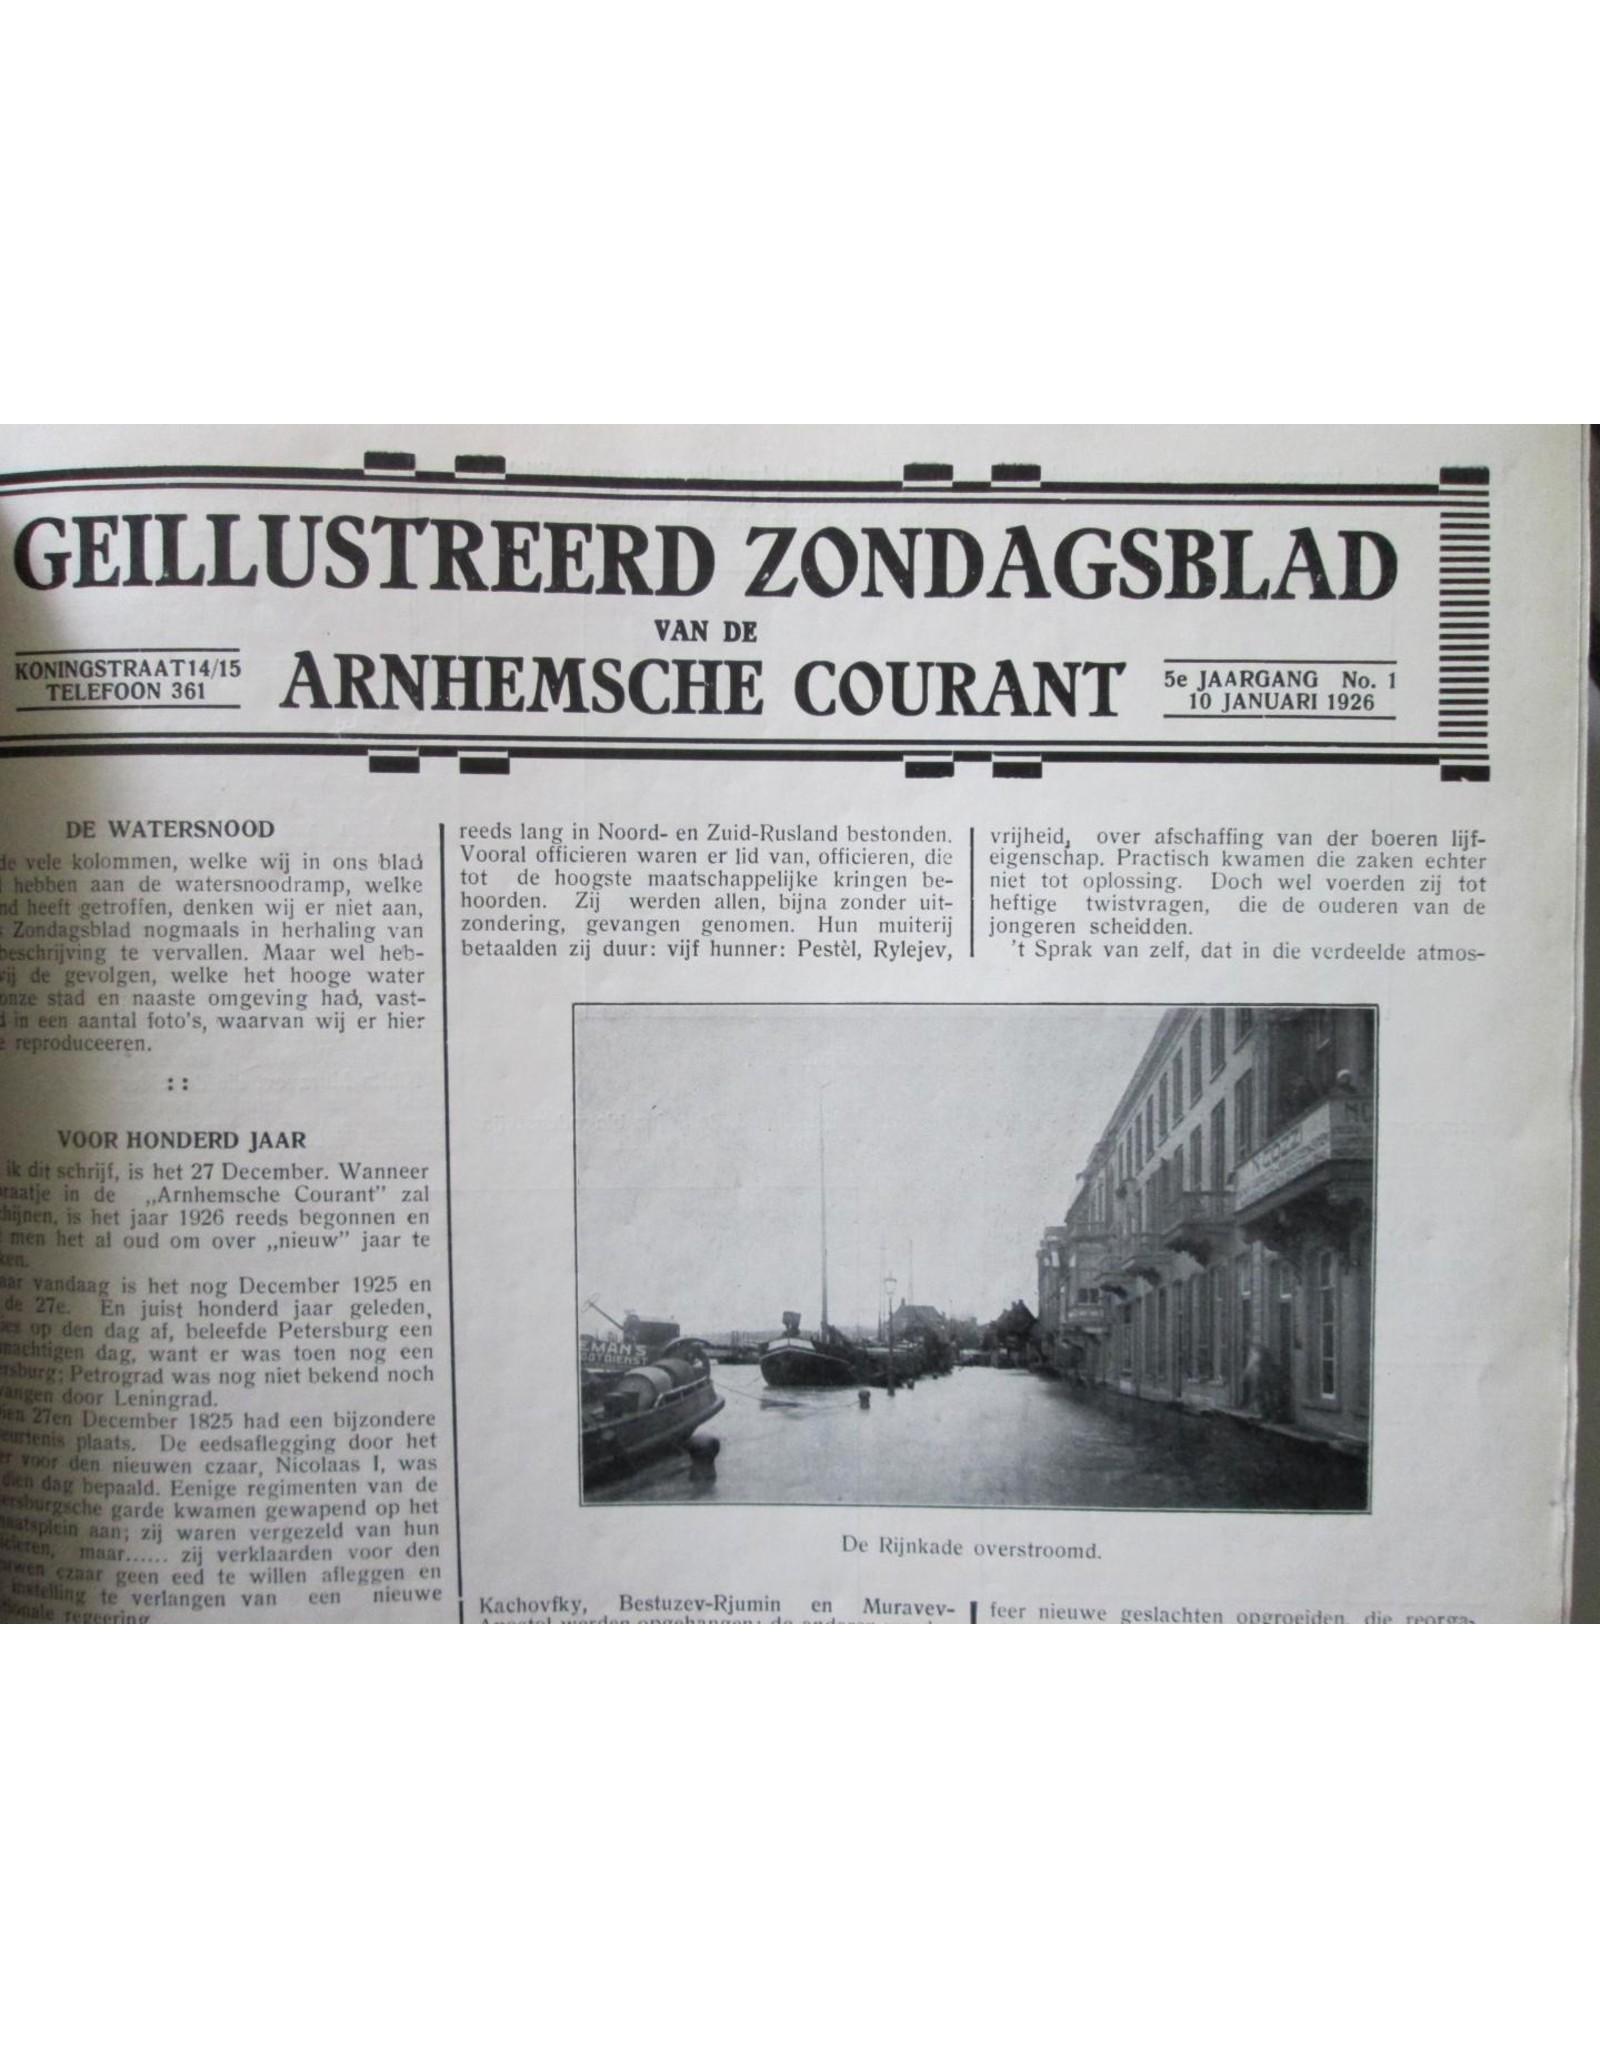 Geïllustreerd Zondagsblad Arnhemsche Courant